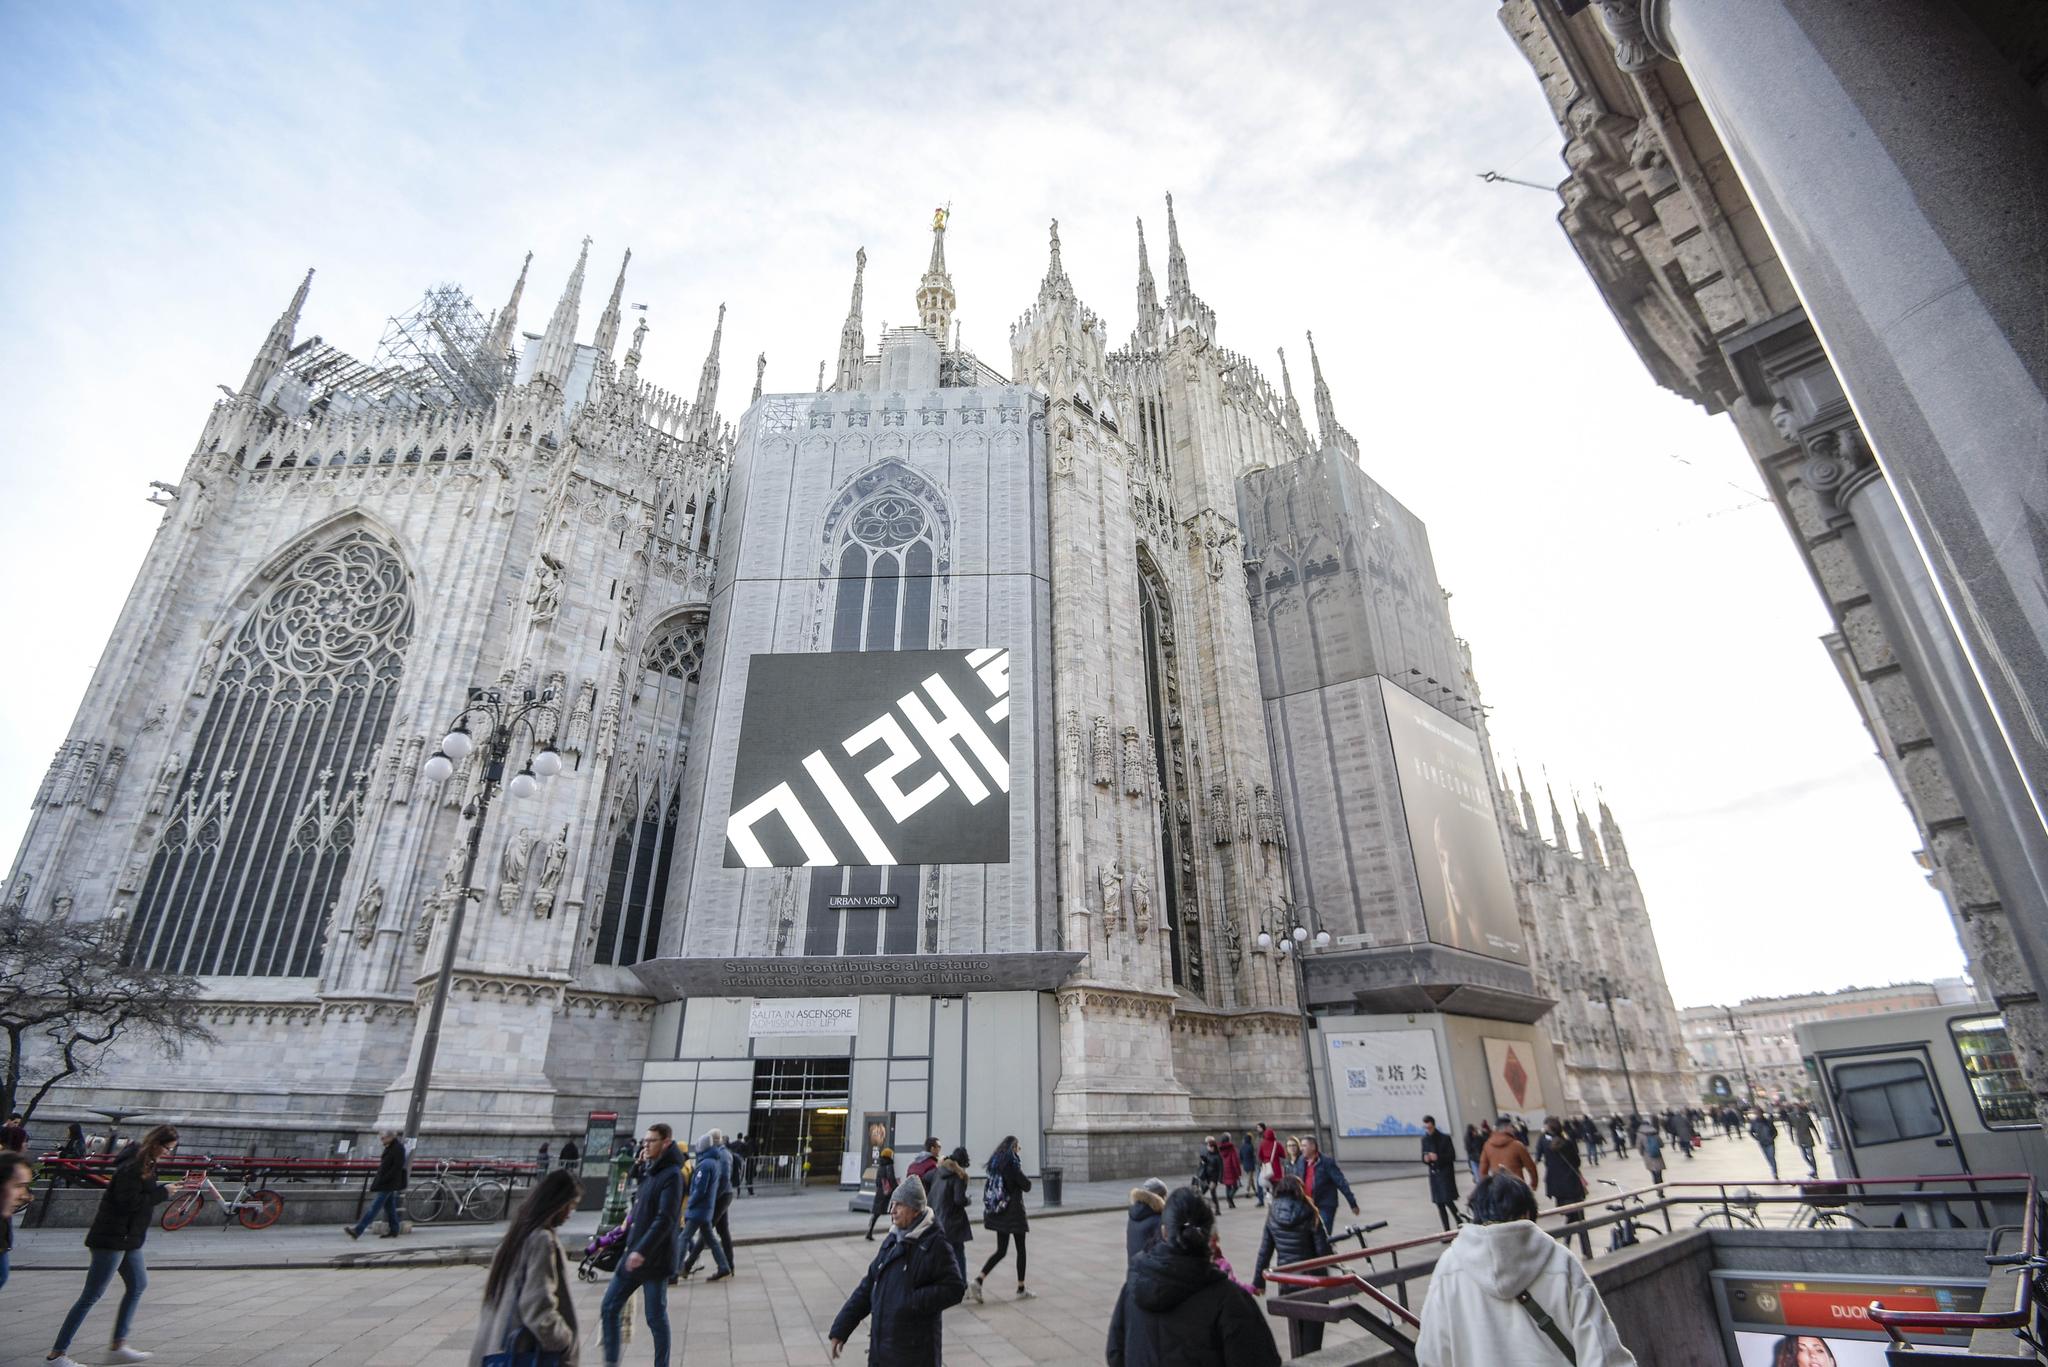 이탈리아 로마에 설치된 삼성 '미래를 펼치다' 한글 옥외광고. [사진 삼성전자]